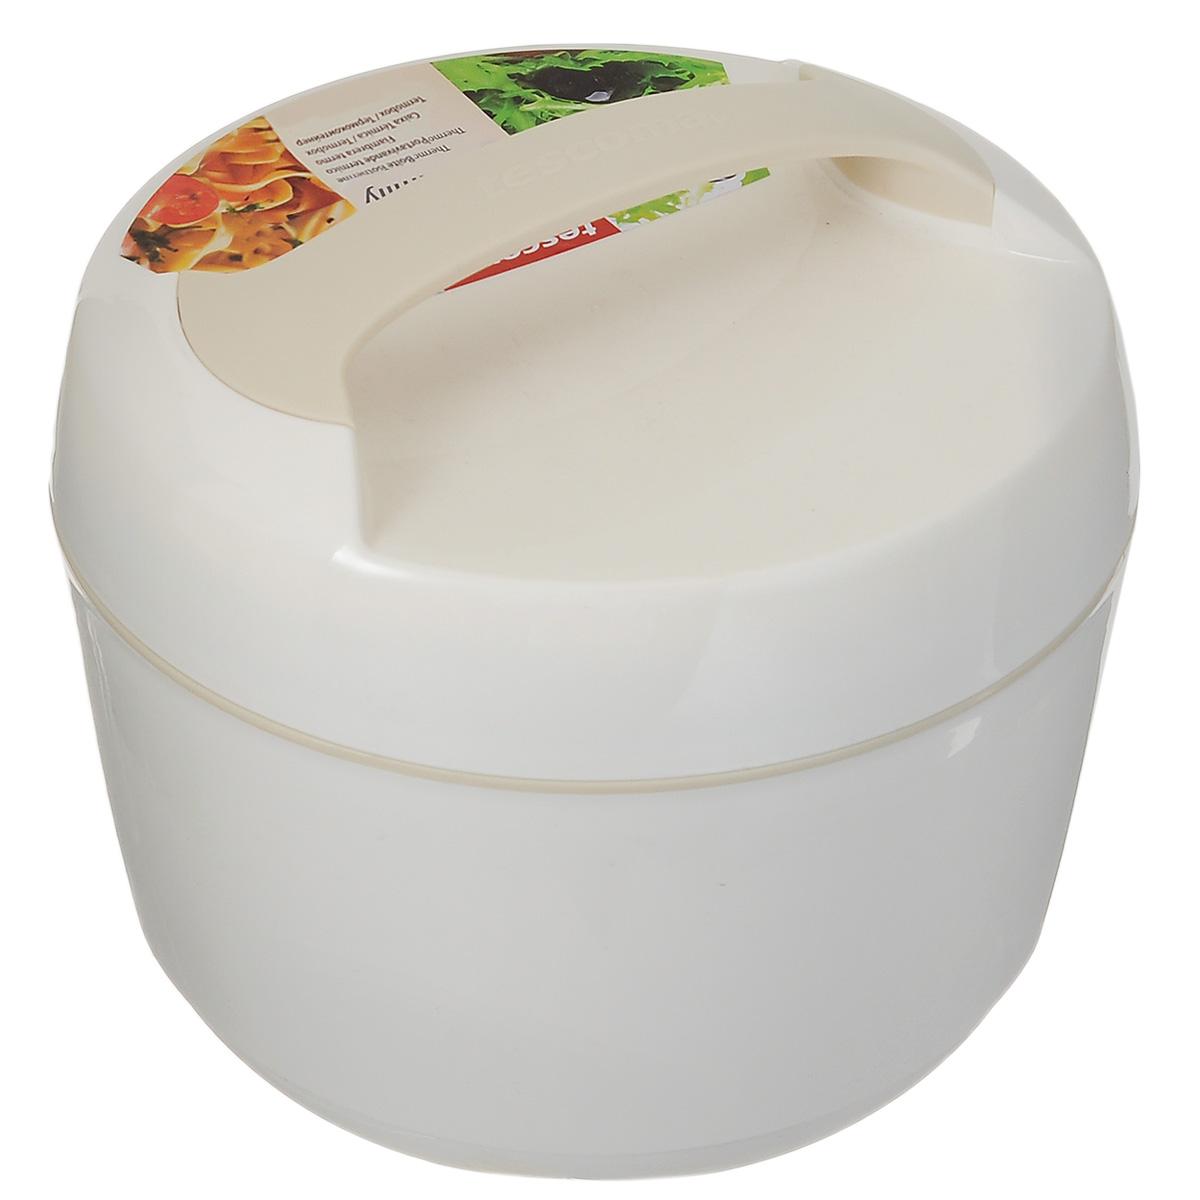 Термоконтейнер Tescoma Family, цвет: белый, 2,5 л310541Термоконтейнер Tescoma Family изготовлен из высококачественного пищевого пластика. Прекрасно подходит для длительного хранения и переноски теплой и холодной пищи. Двойные стенки контейнера с высокоэффективным теплоизоляционным заполнением сохраняют пищу теплой или холодной в течение нескольких часов. При обычном использовании контейнер не бьющийся. Крышка плотно и удобно закручивается. Для комфортной переноски предусмотрена ручка. В комплекте имеется специальная емкость объемом 1 л для отдельного хранения закусок, гарнира и т.п. Емкость удобно помещается внутрь контейнера. Контейнер нельзя мыть в посудомоечной машине, пластиковая емкость с крышкой пригодна для мытья в посудомоечной машине. Объем контейнера: 2,5 л. Диаметр контейнера: 22 см. Высота контейнера: 17 см. Объем емкости: 1 л. Диаметр емкости: 19 см. Высота стенки емкости: 4,5 см.